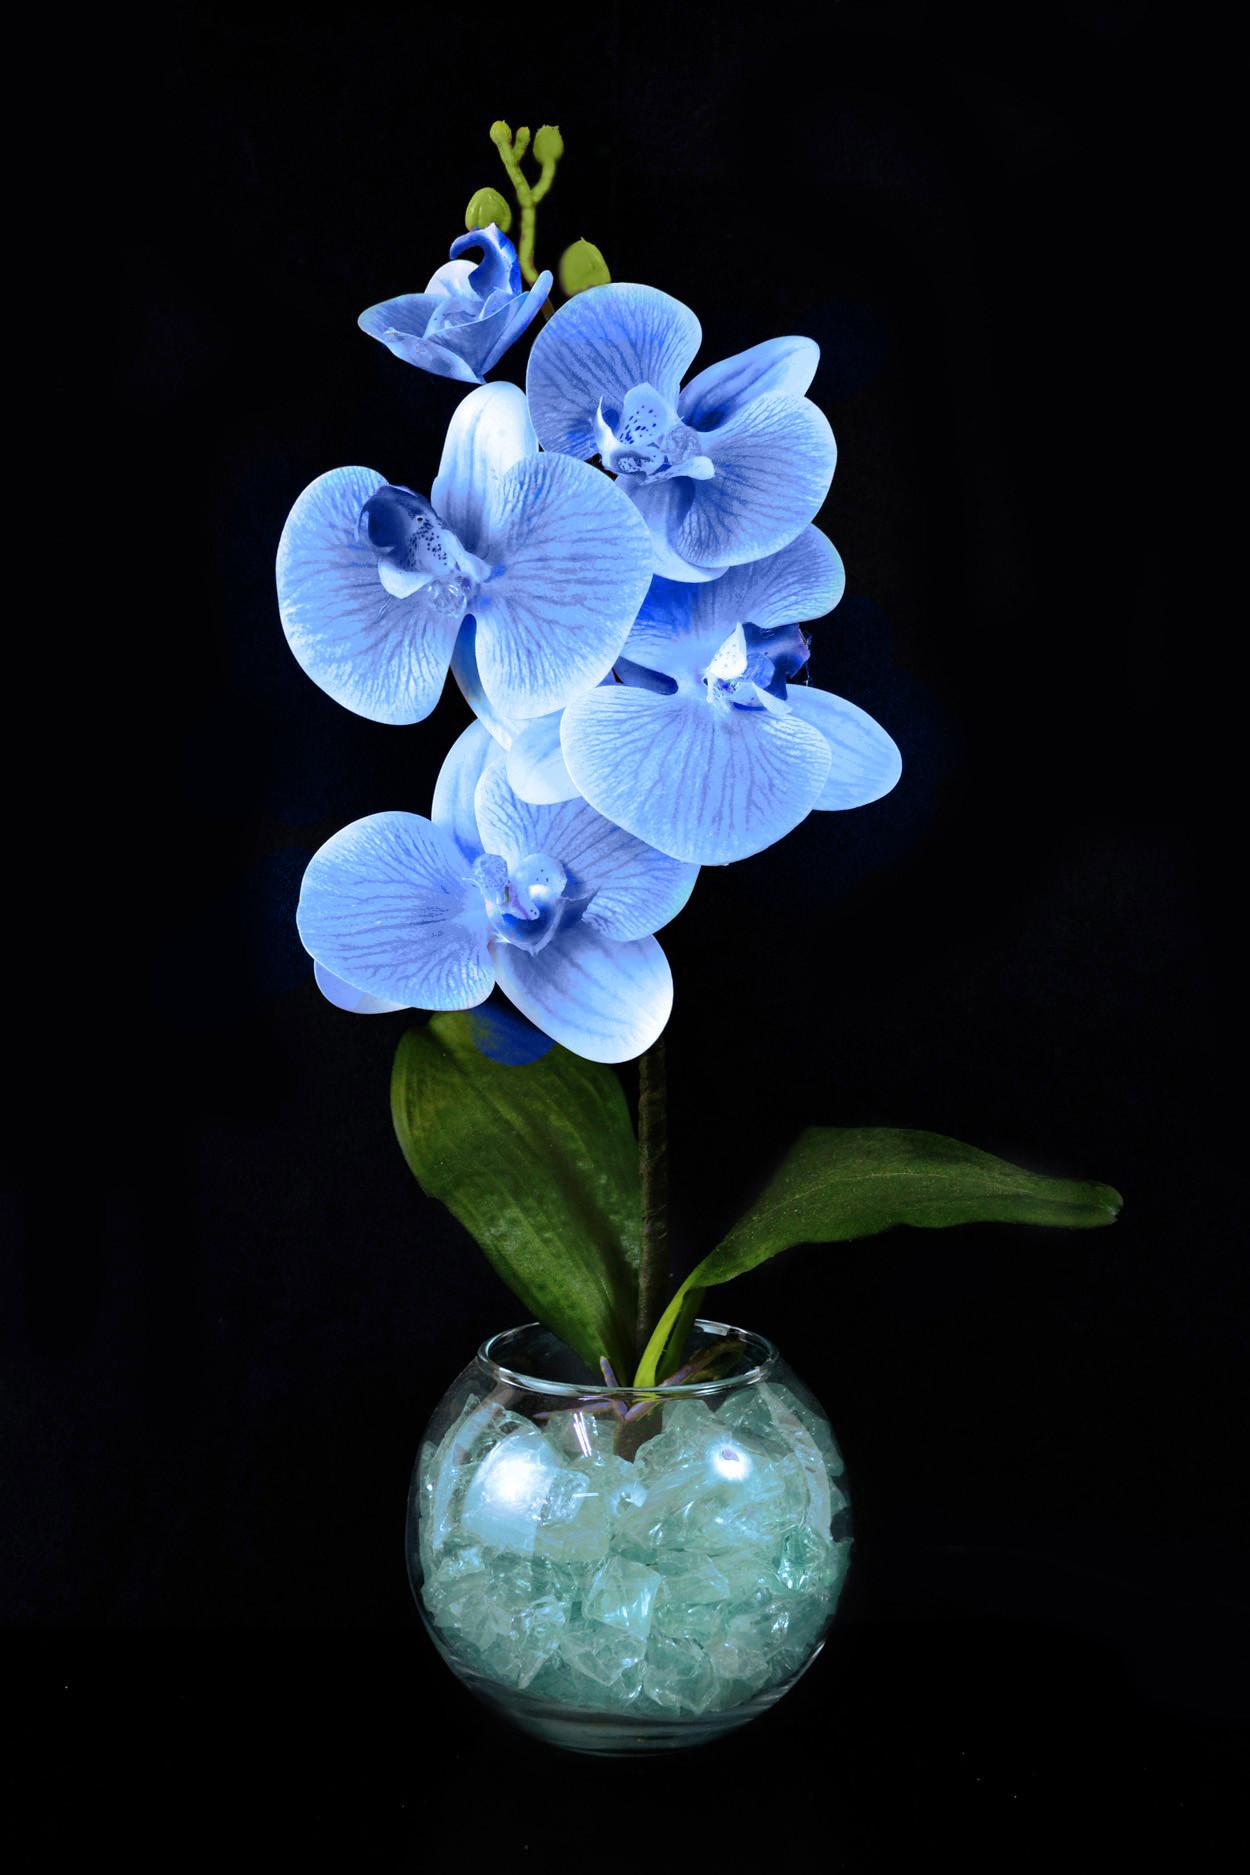 Светильник Орхидея Синяя (син) 5 цветков